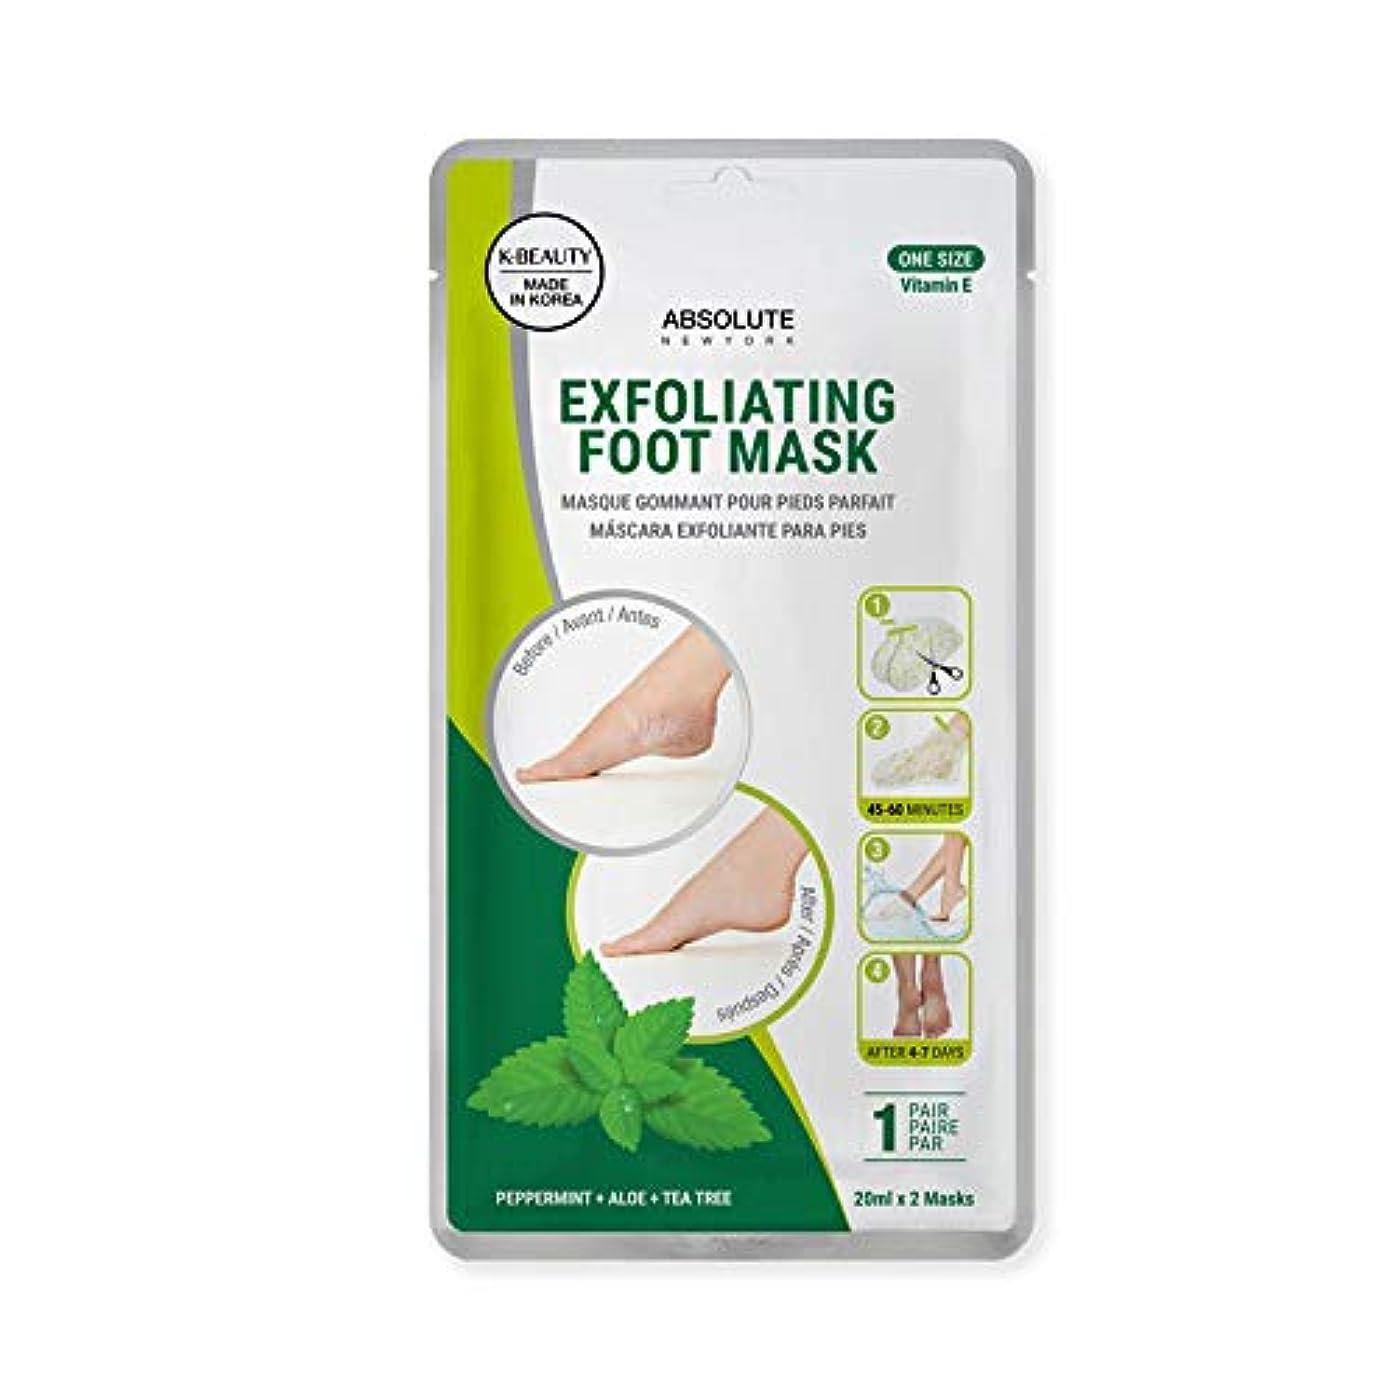 死すべき水族館無法者(6 Pack) ABSOLUTE Exfoliating Foot Mask - Peppermint + Aloe + Tea Tree (並行輸入品)